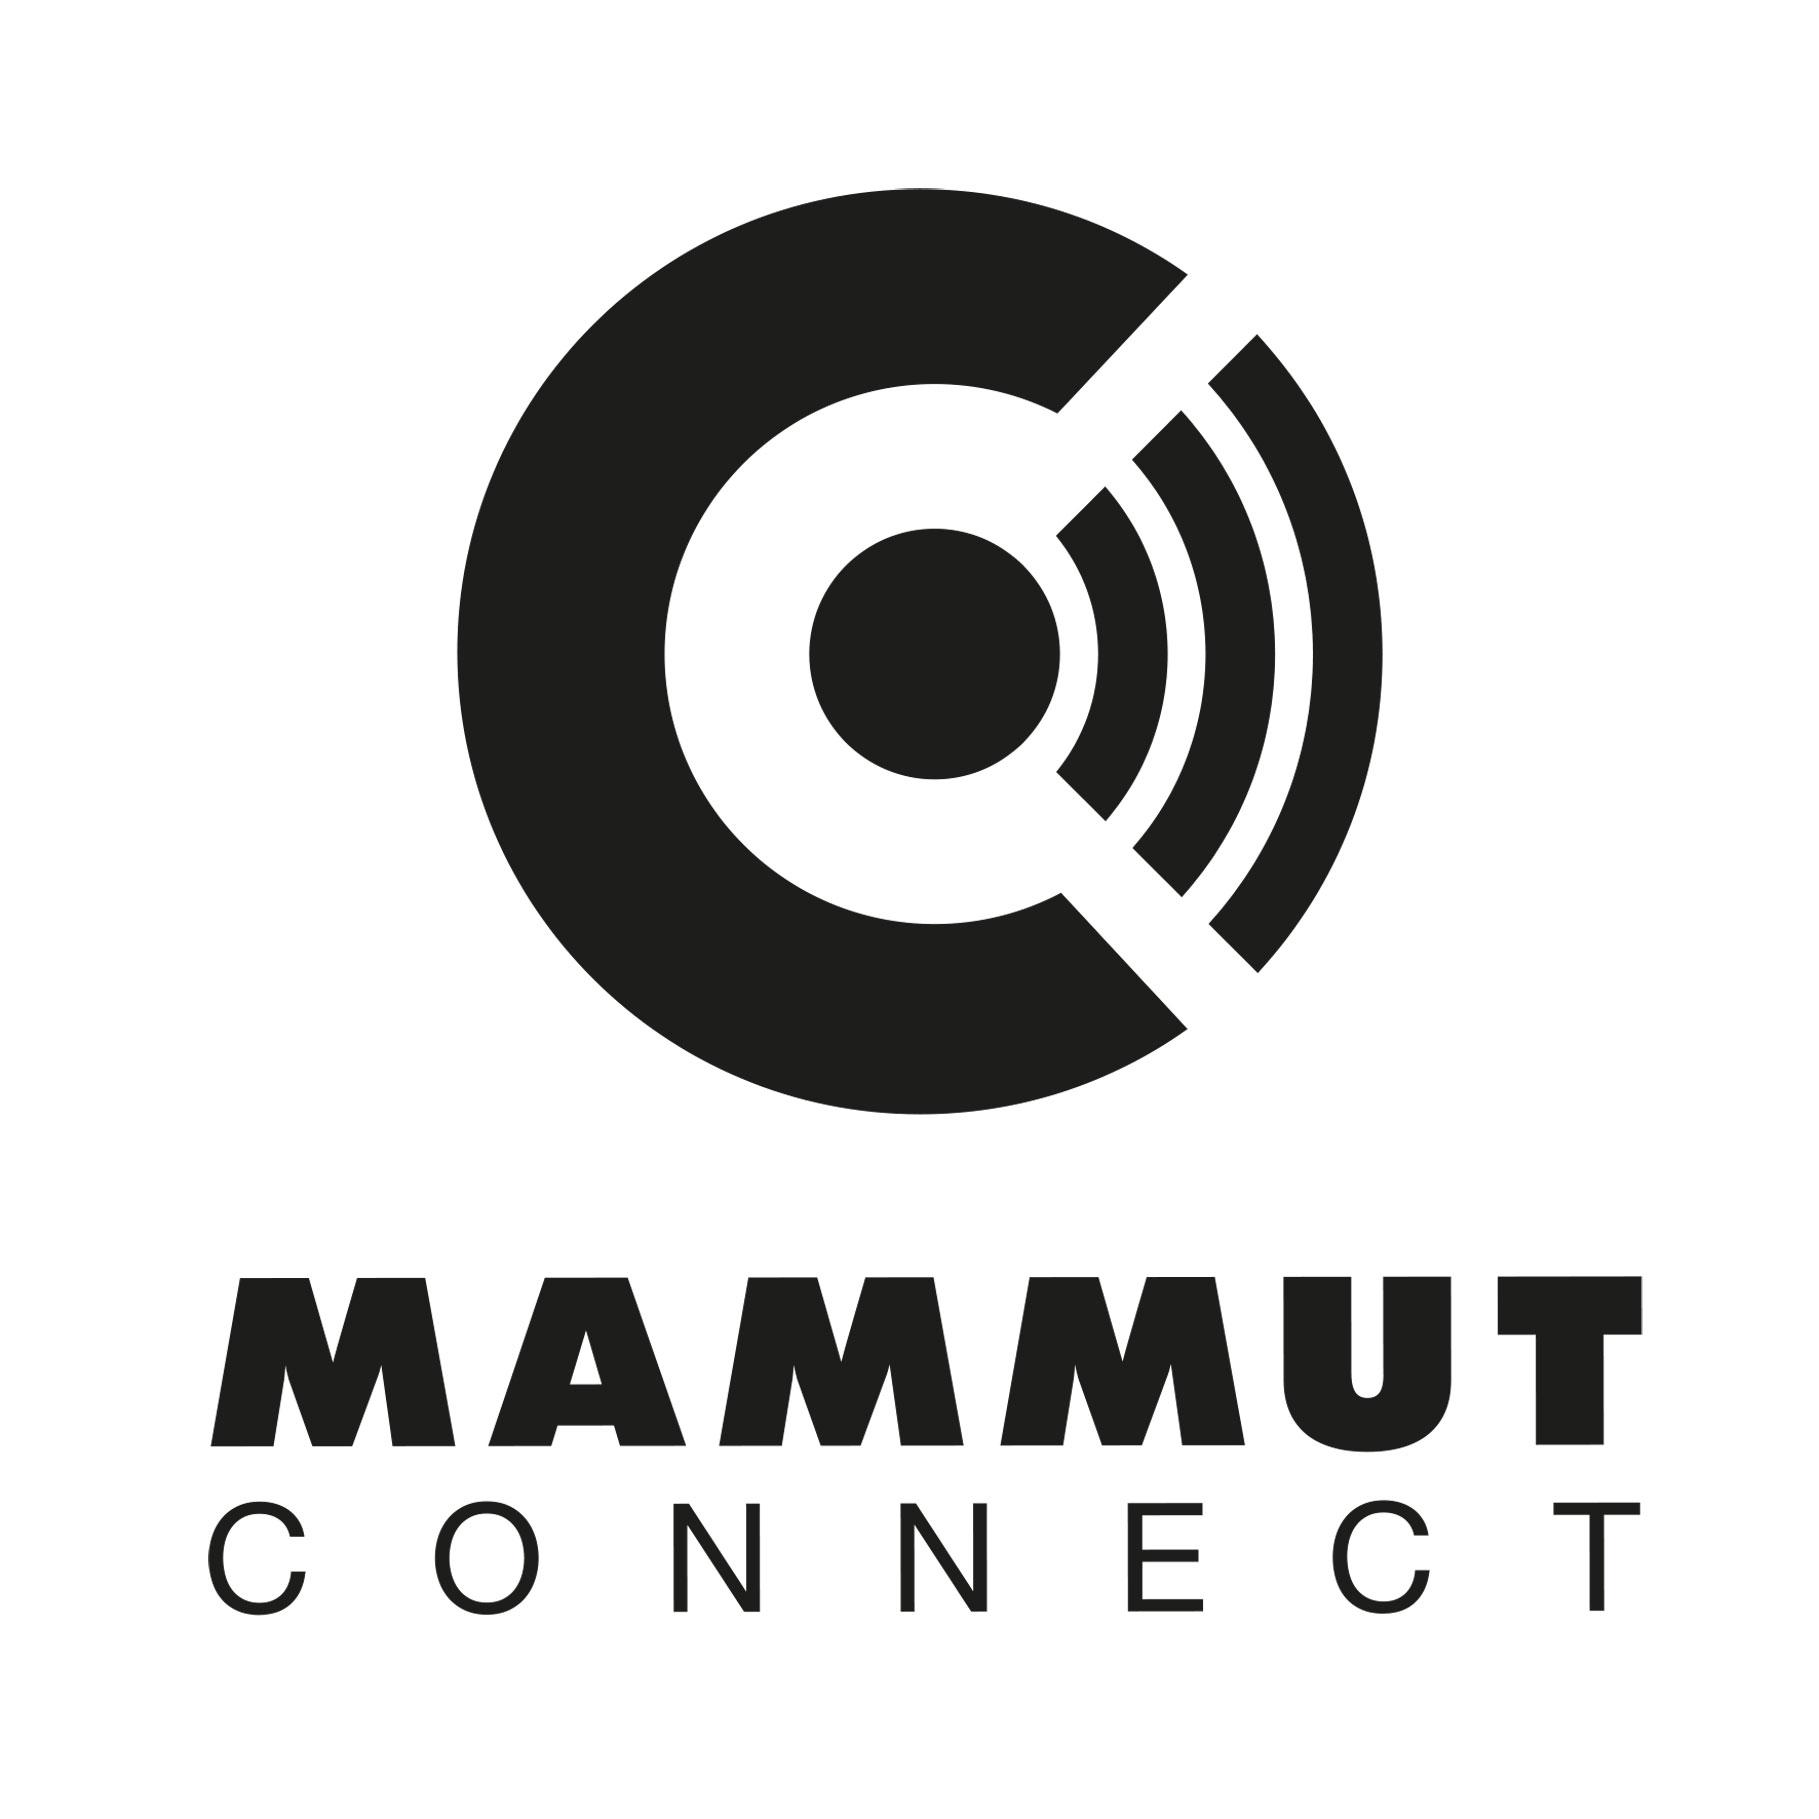 MAMMUT EIGER EXTREME & MAMMUT DELTA X HIGHLIGHTS 2019